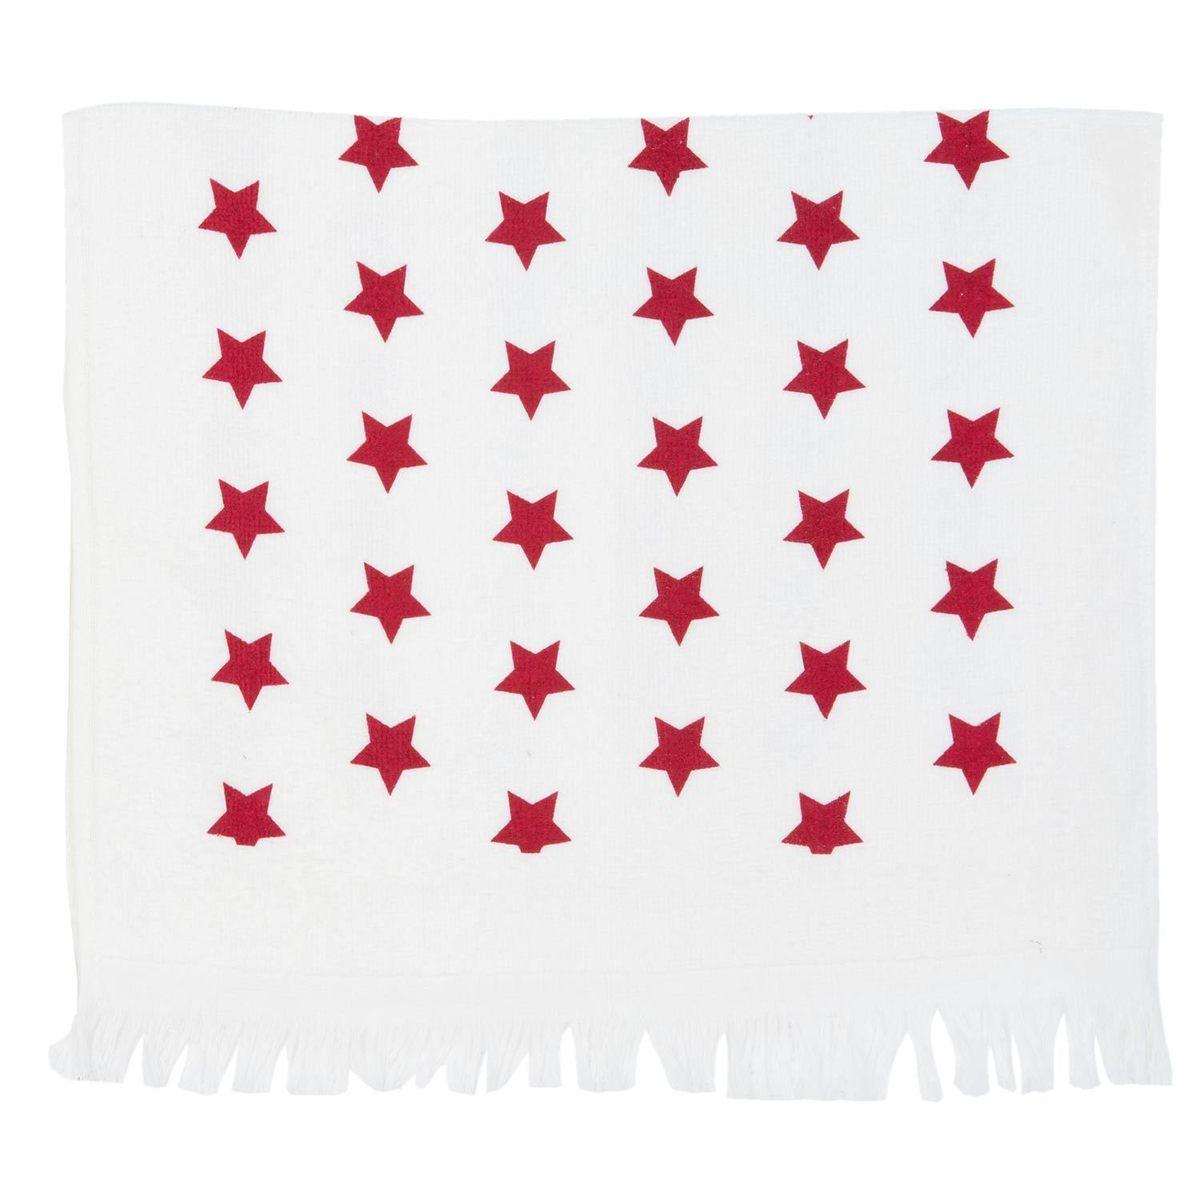 Utěrka s červenými hvězdami